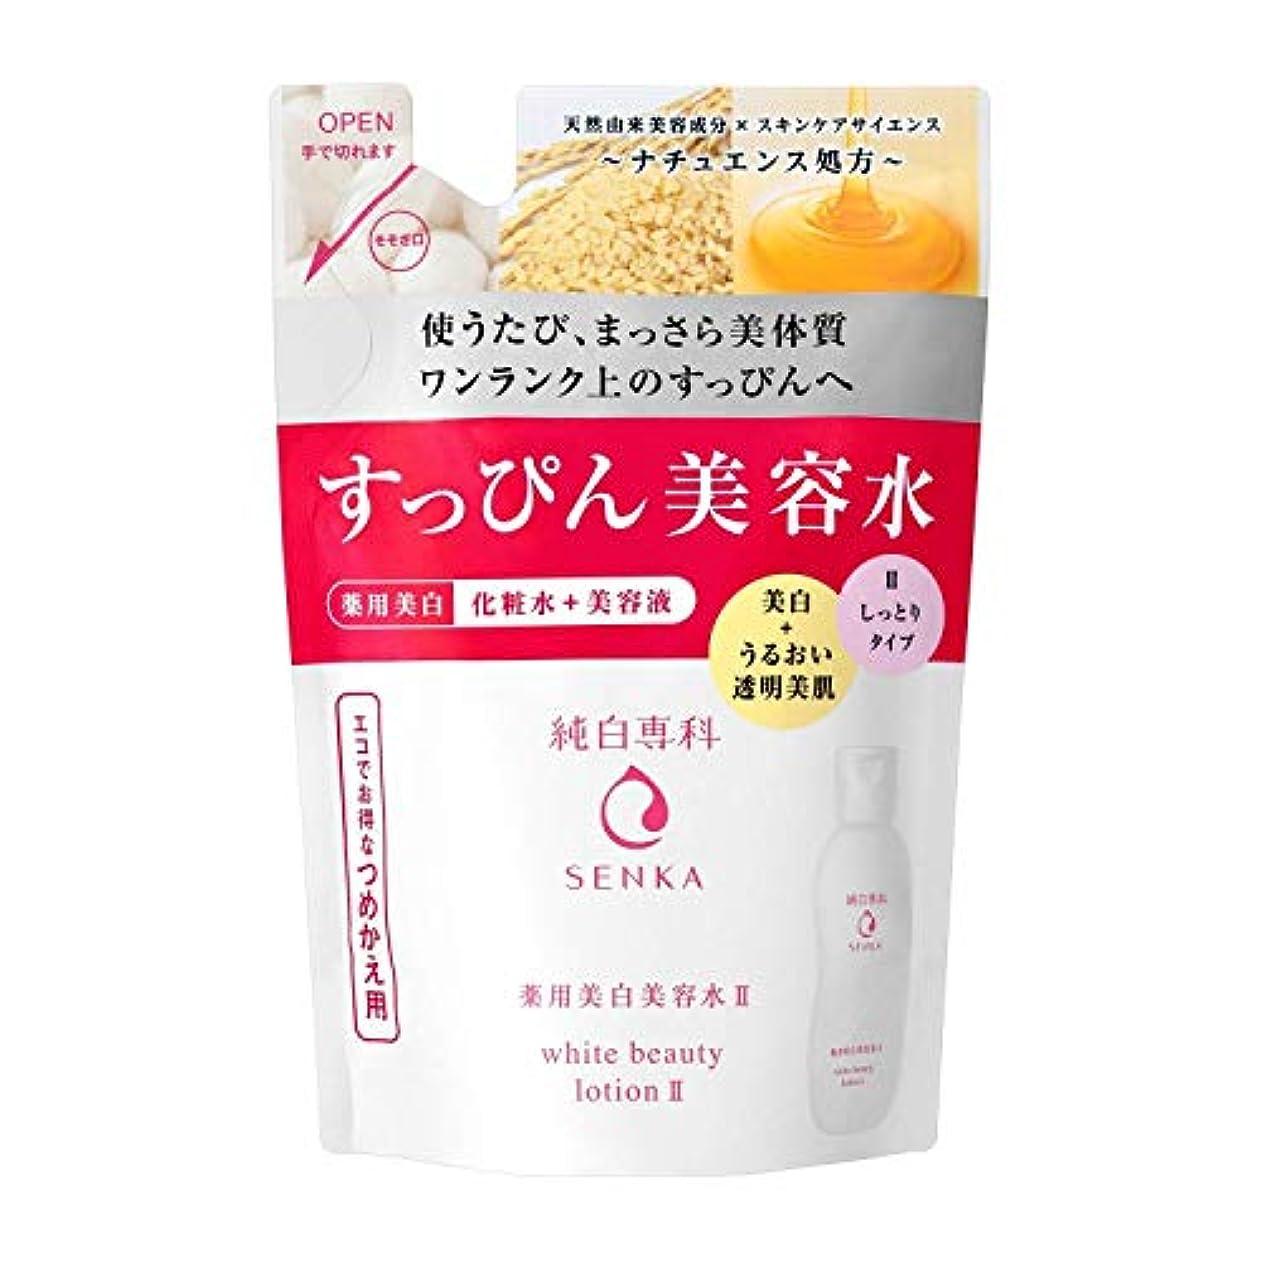 最終咽頭ほとんどの場合純白専科 すっぴん美容水II 詰め替え (医薬部外品) 化粧水